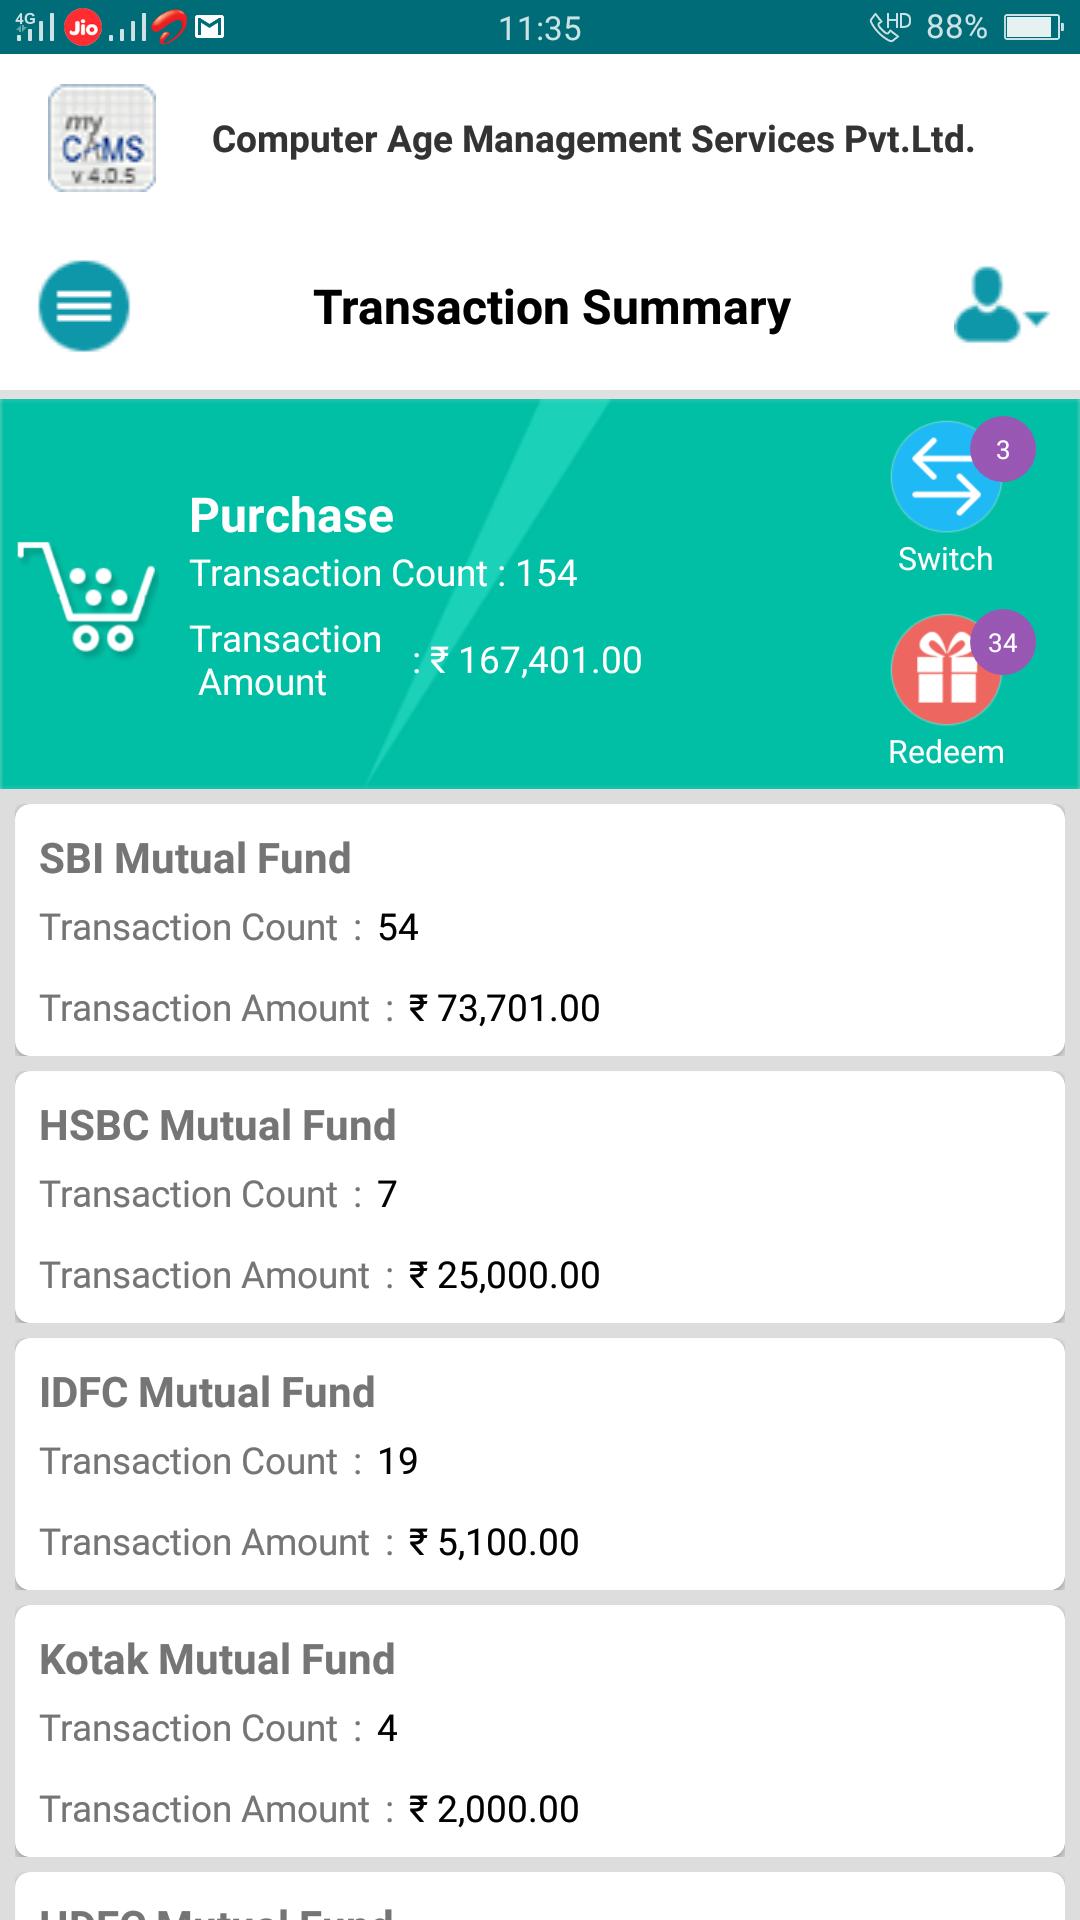 myCAMS Mutual Fund App - GMASA